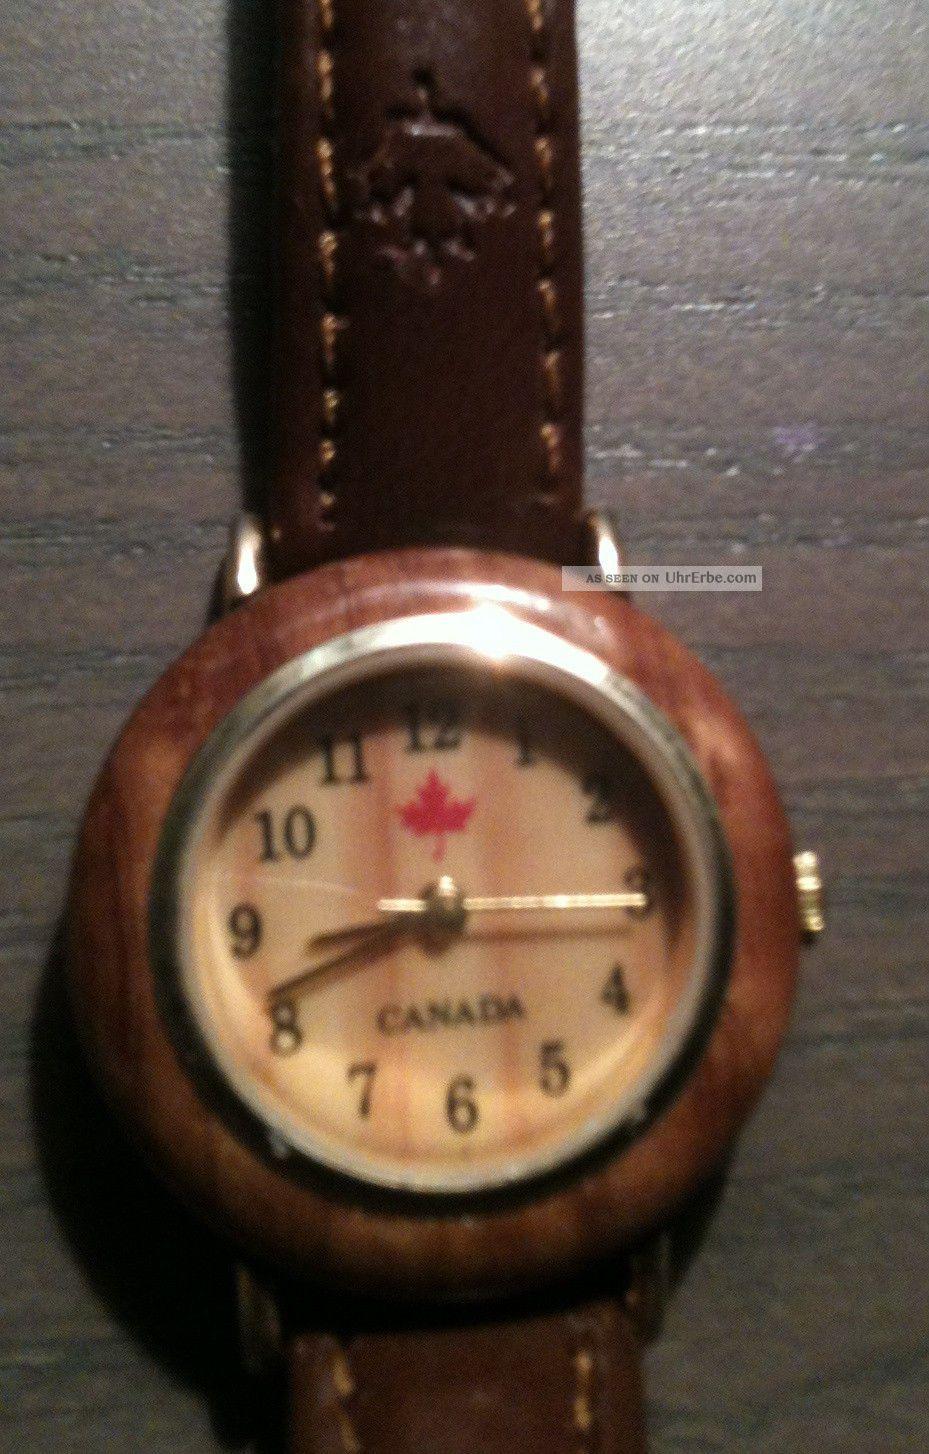 Armbanduhr Canada Armbanduhren Bild